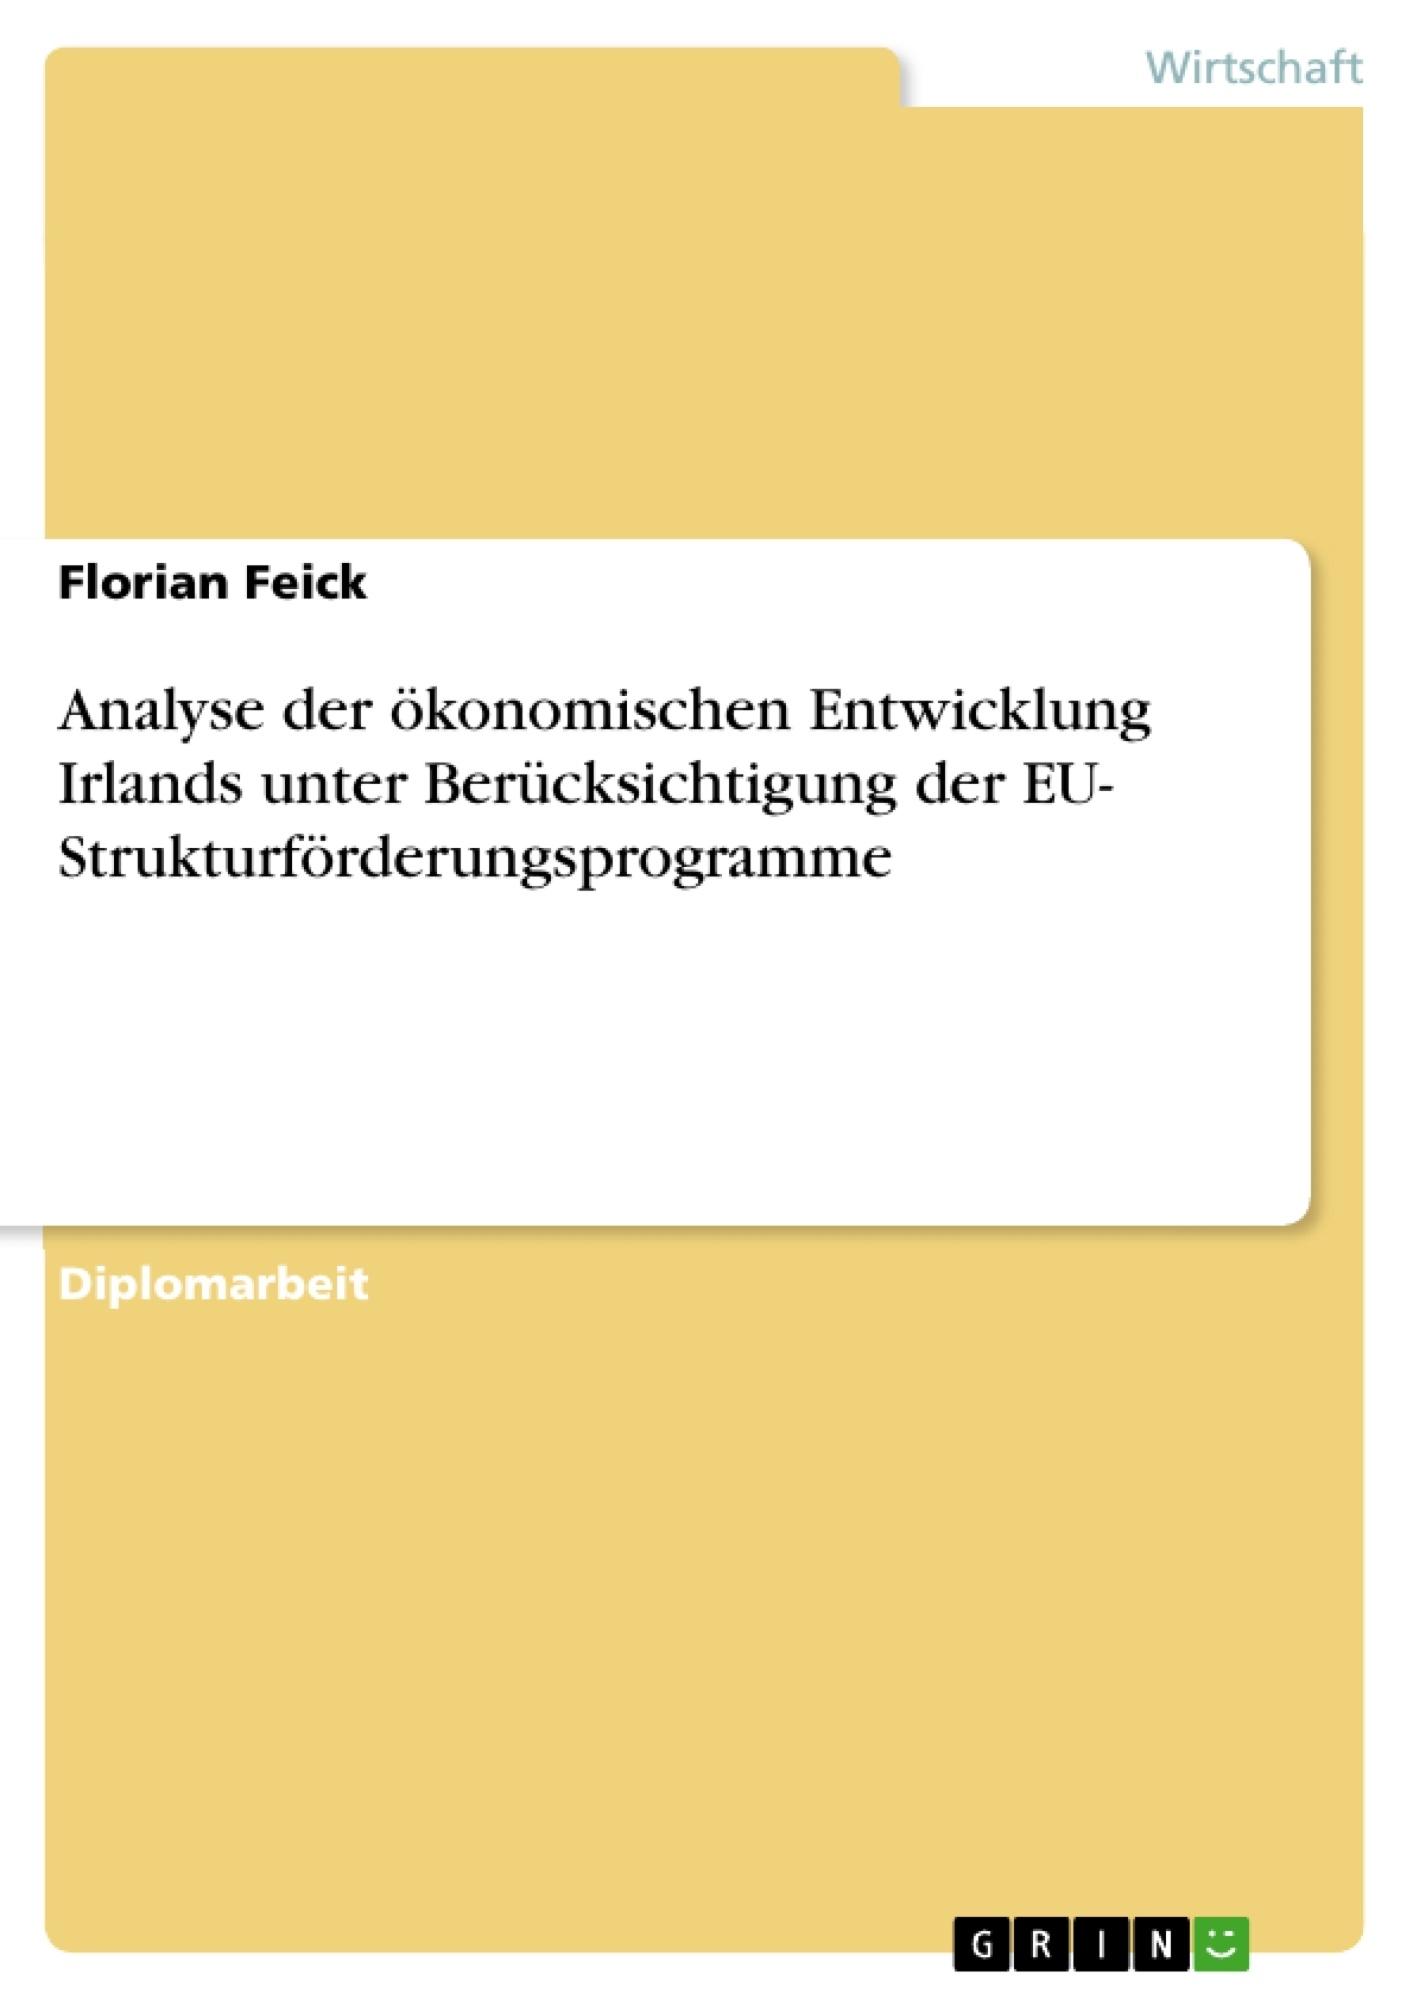 Titel: Analyse der ökonomischen Entwicklung Irlands unter  Berücksichtigung der EU- Strukturförderungsprogramme